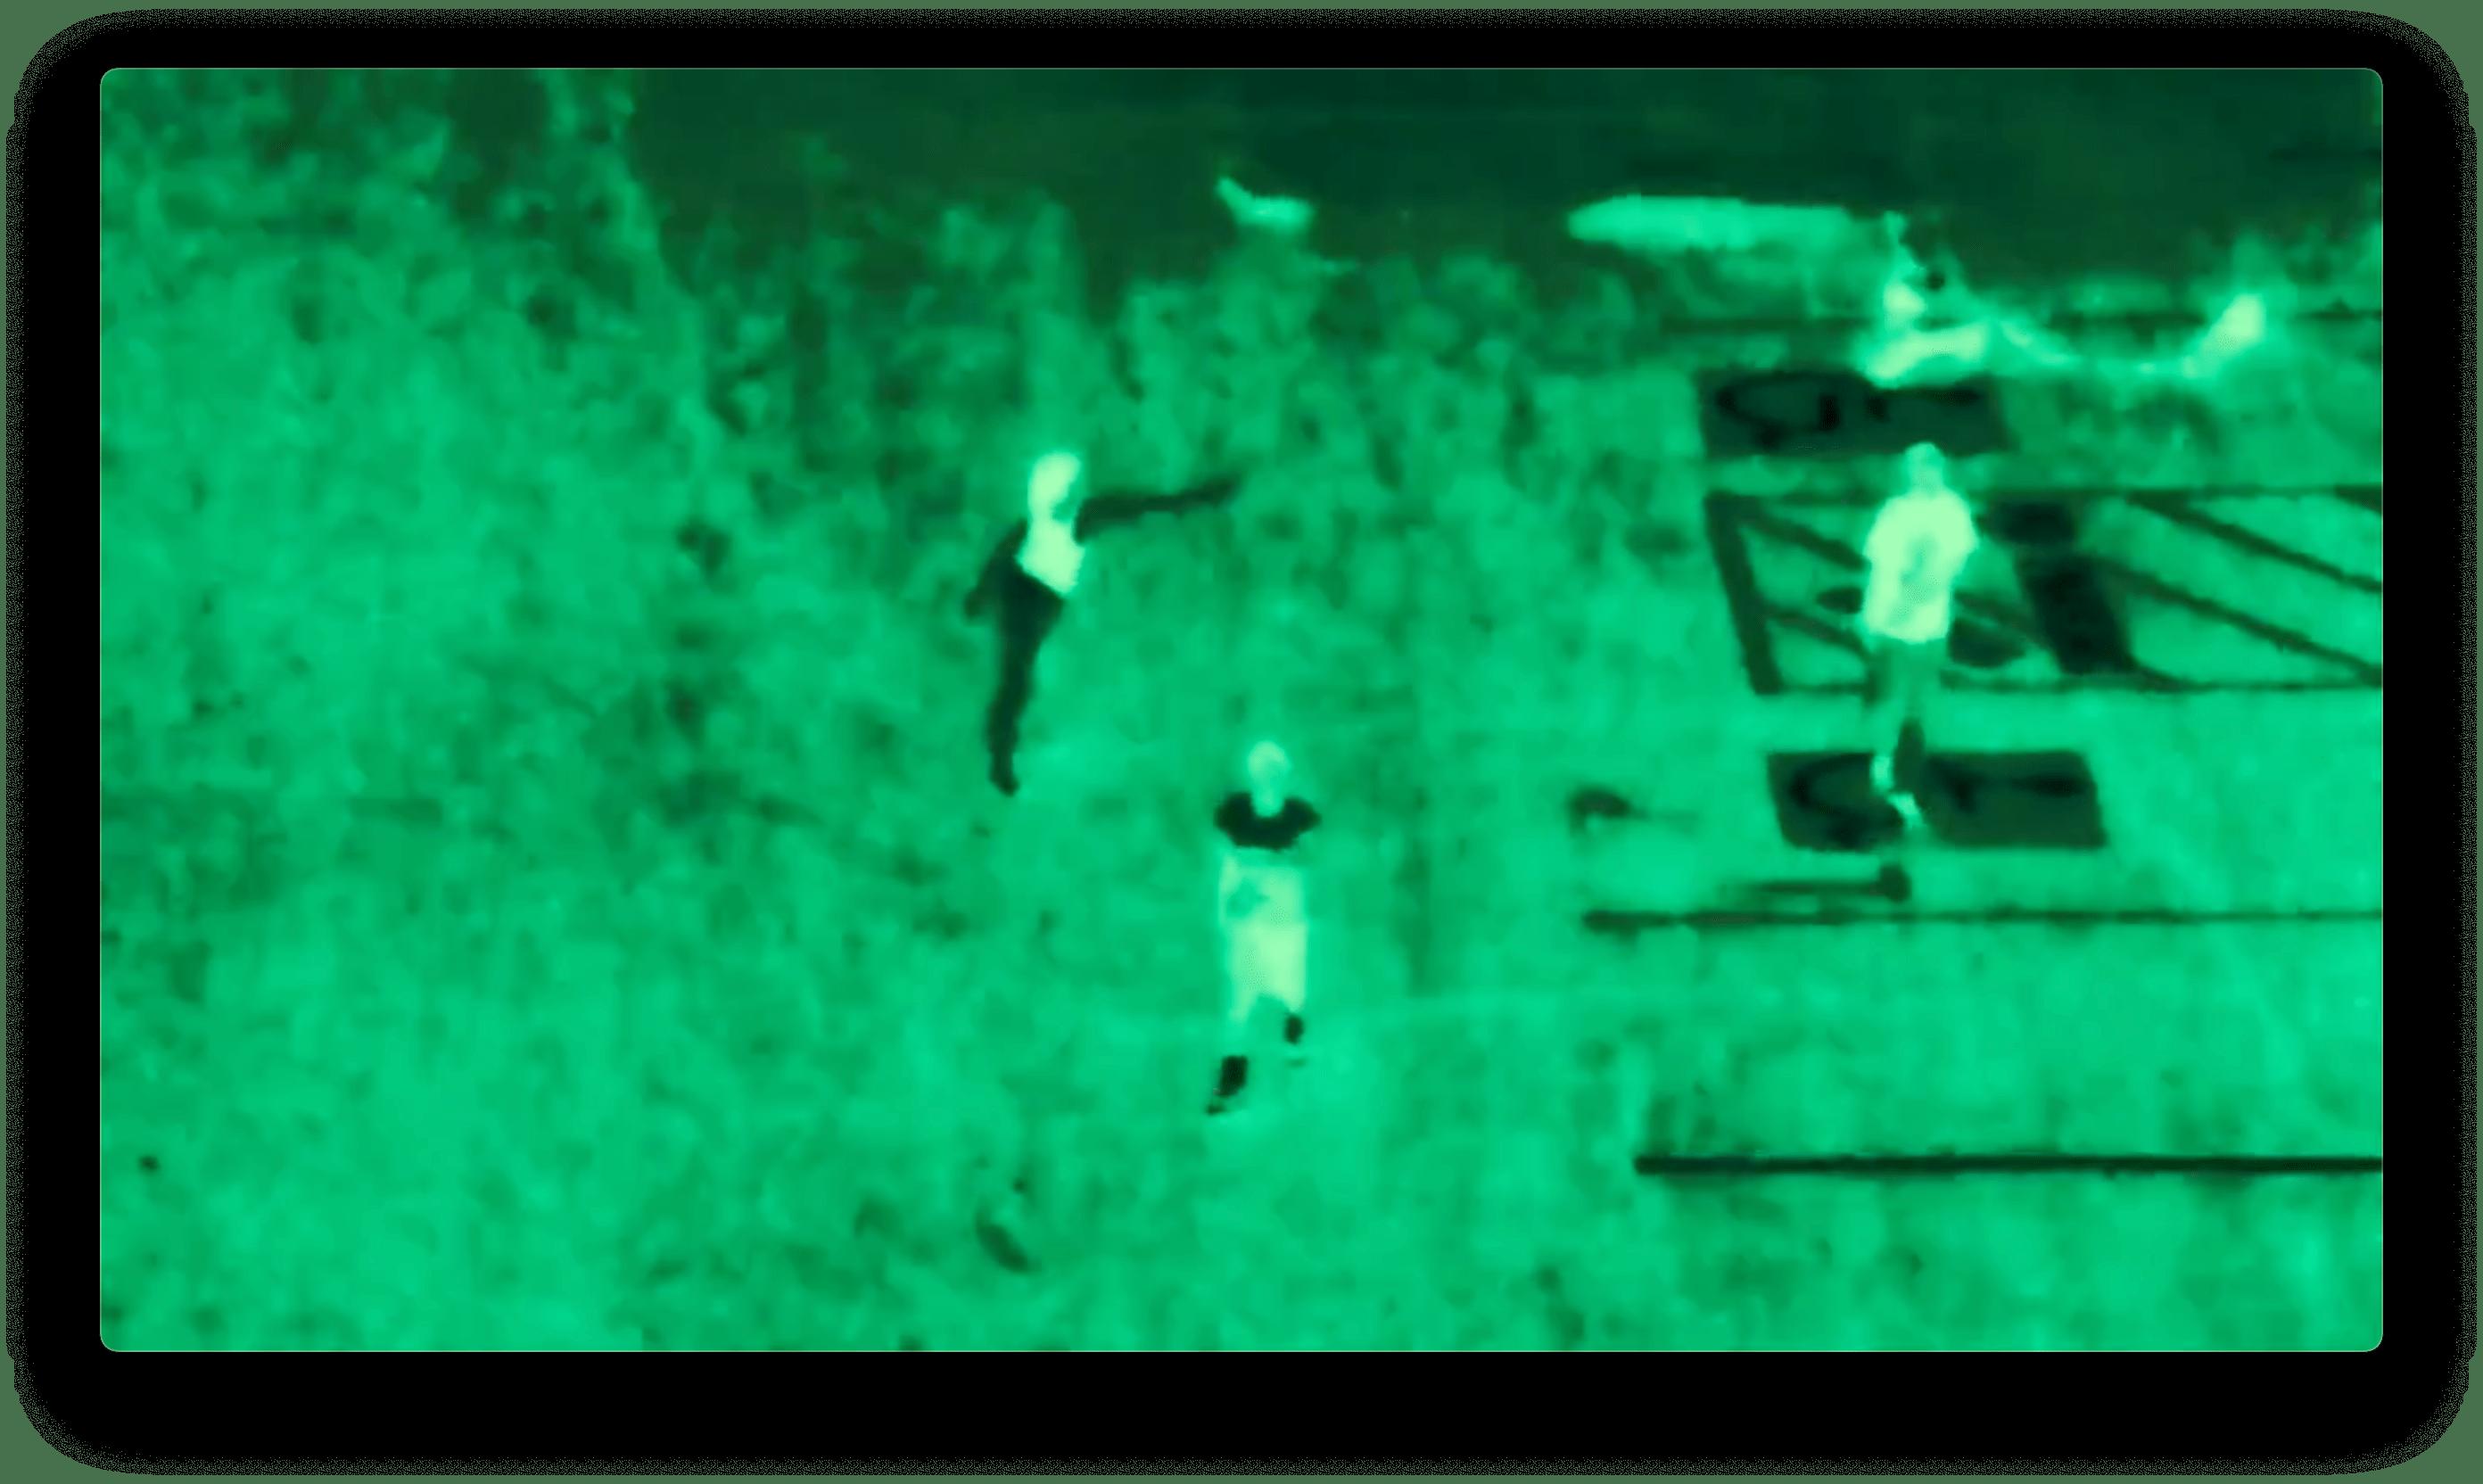 Bri Williams, Night Vision (still), 2017